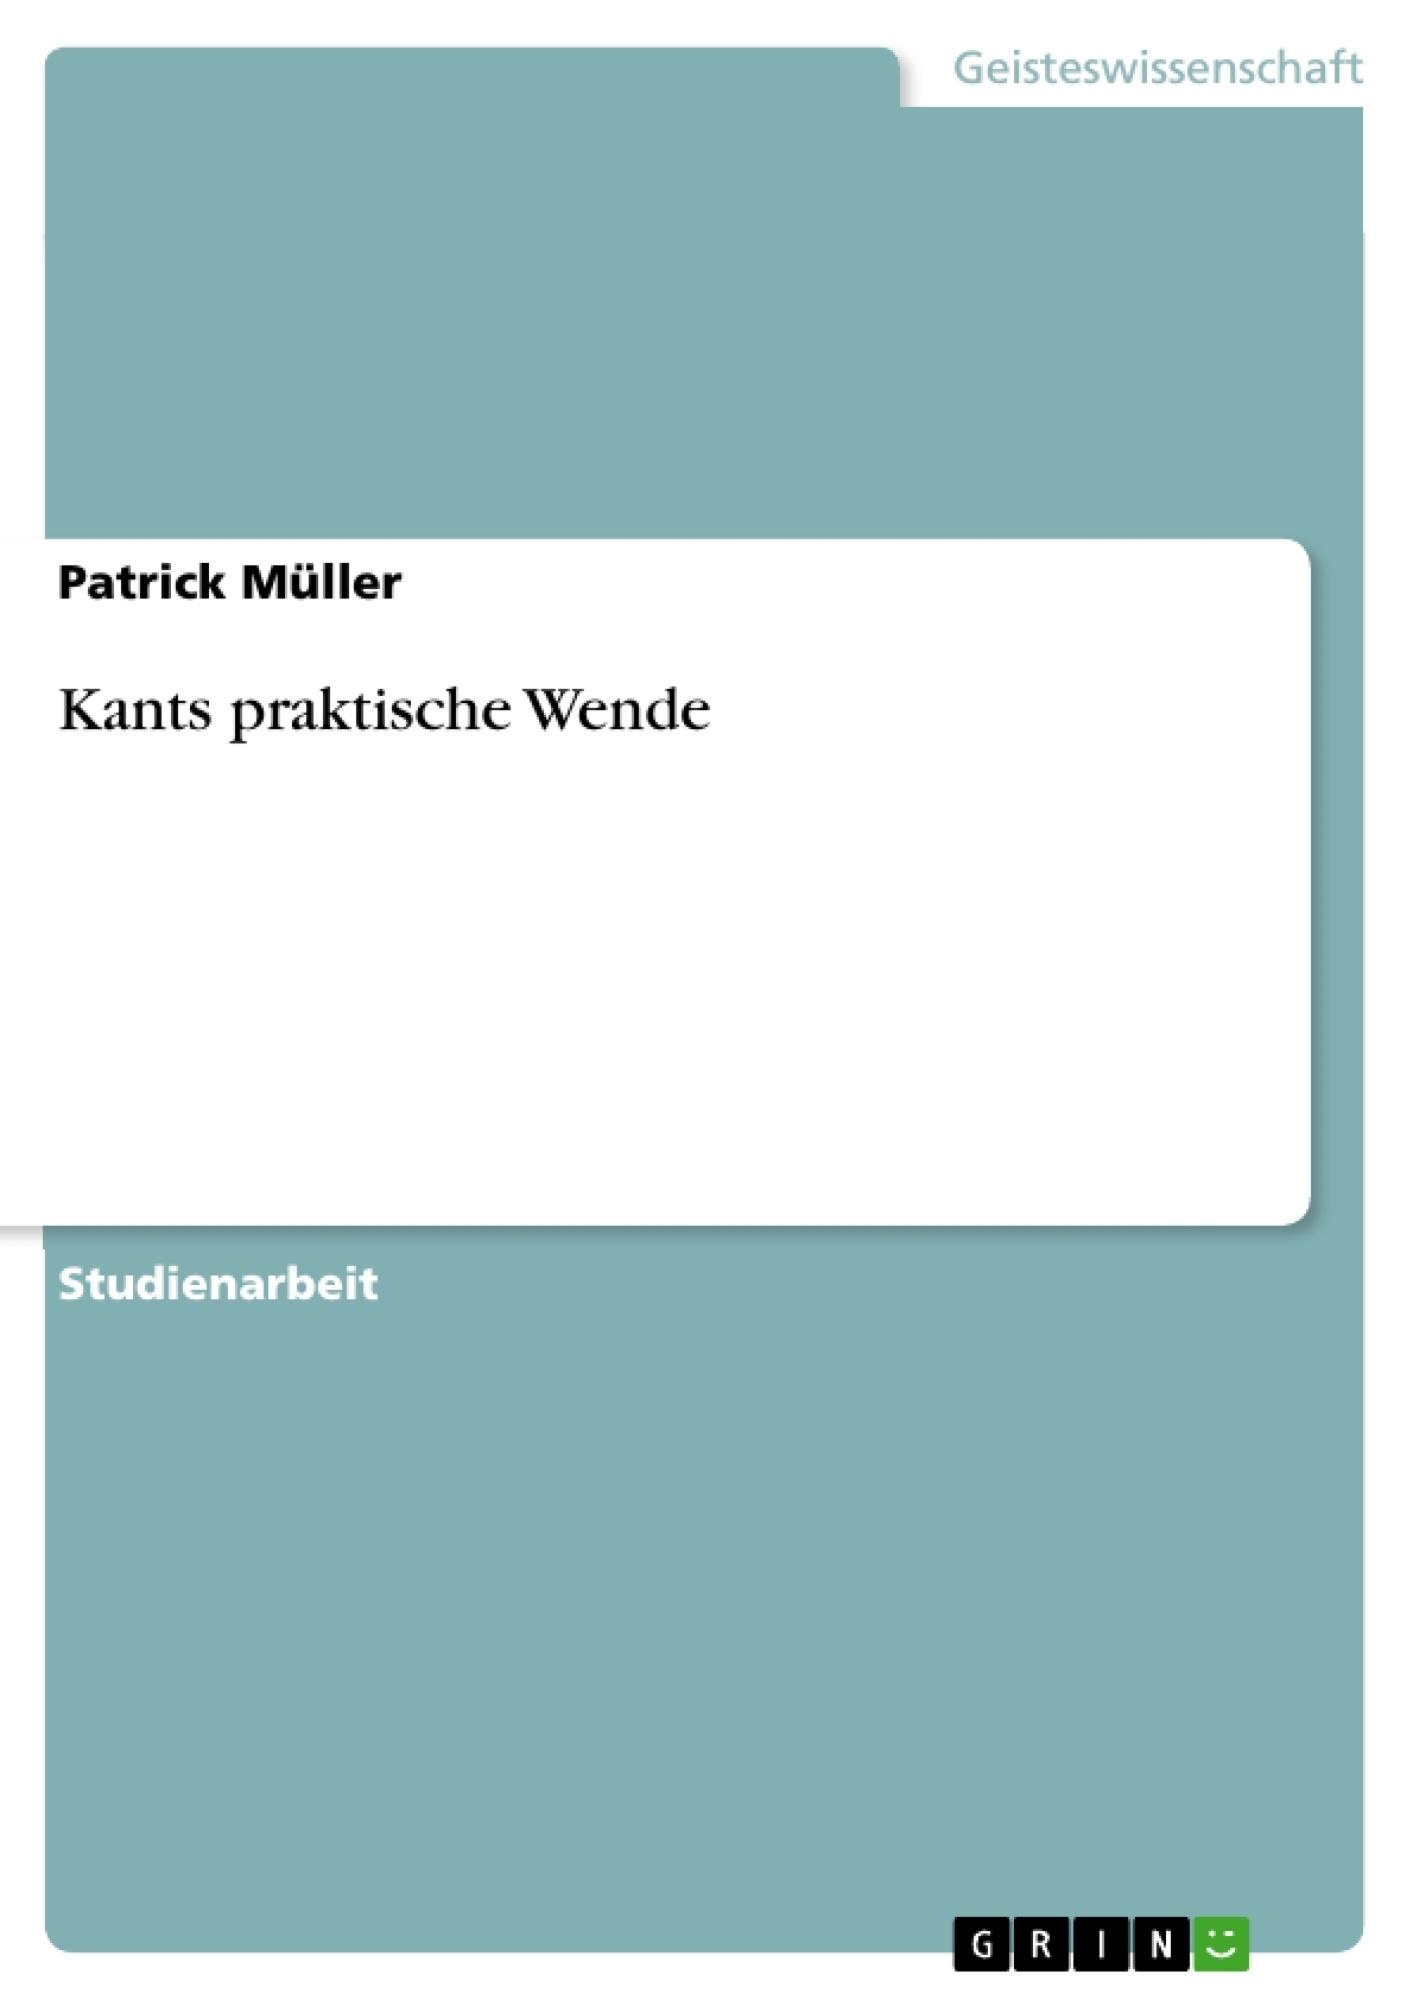 Titel: Kants praktische Wende